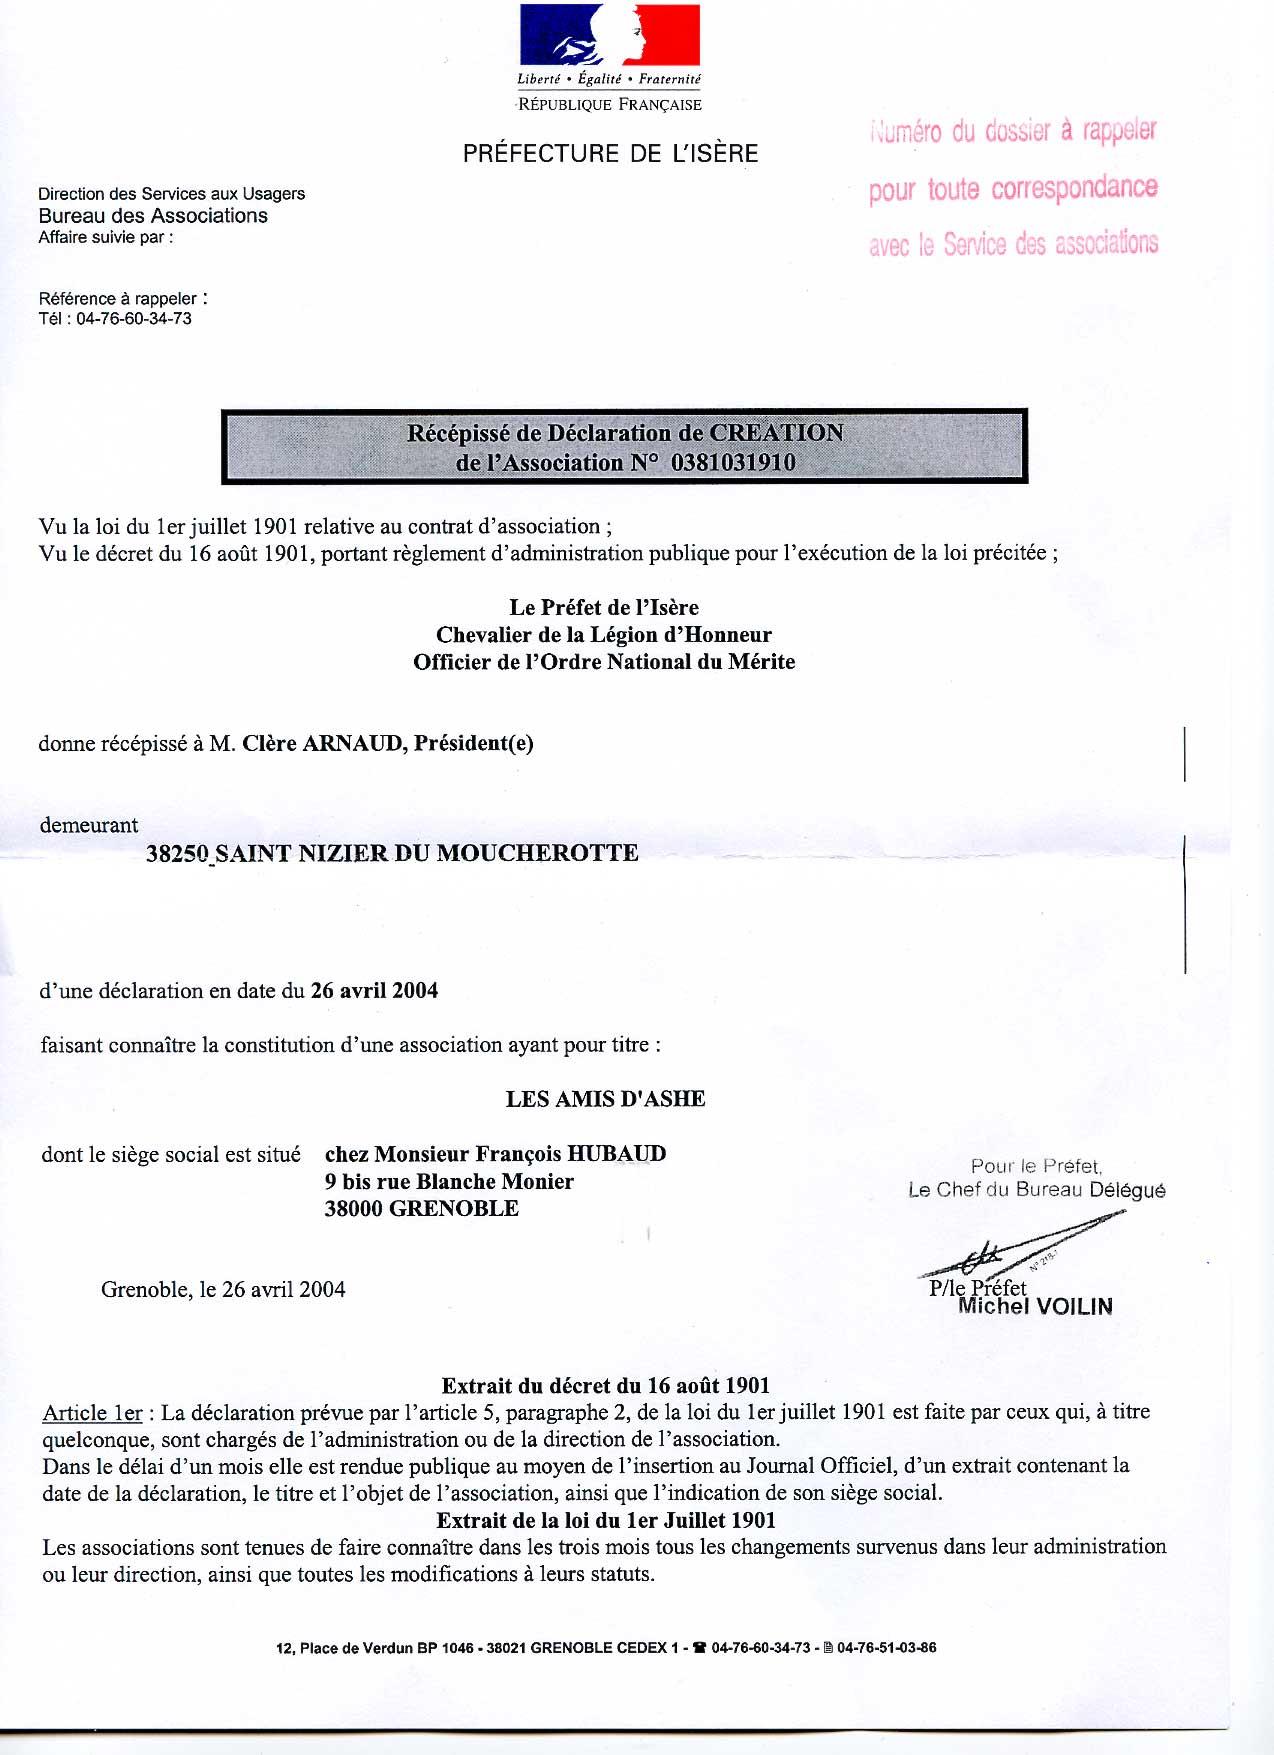 Image Result For Bureau Des Associations Prefecture